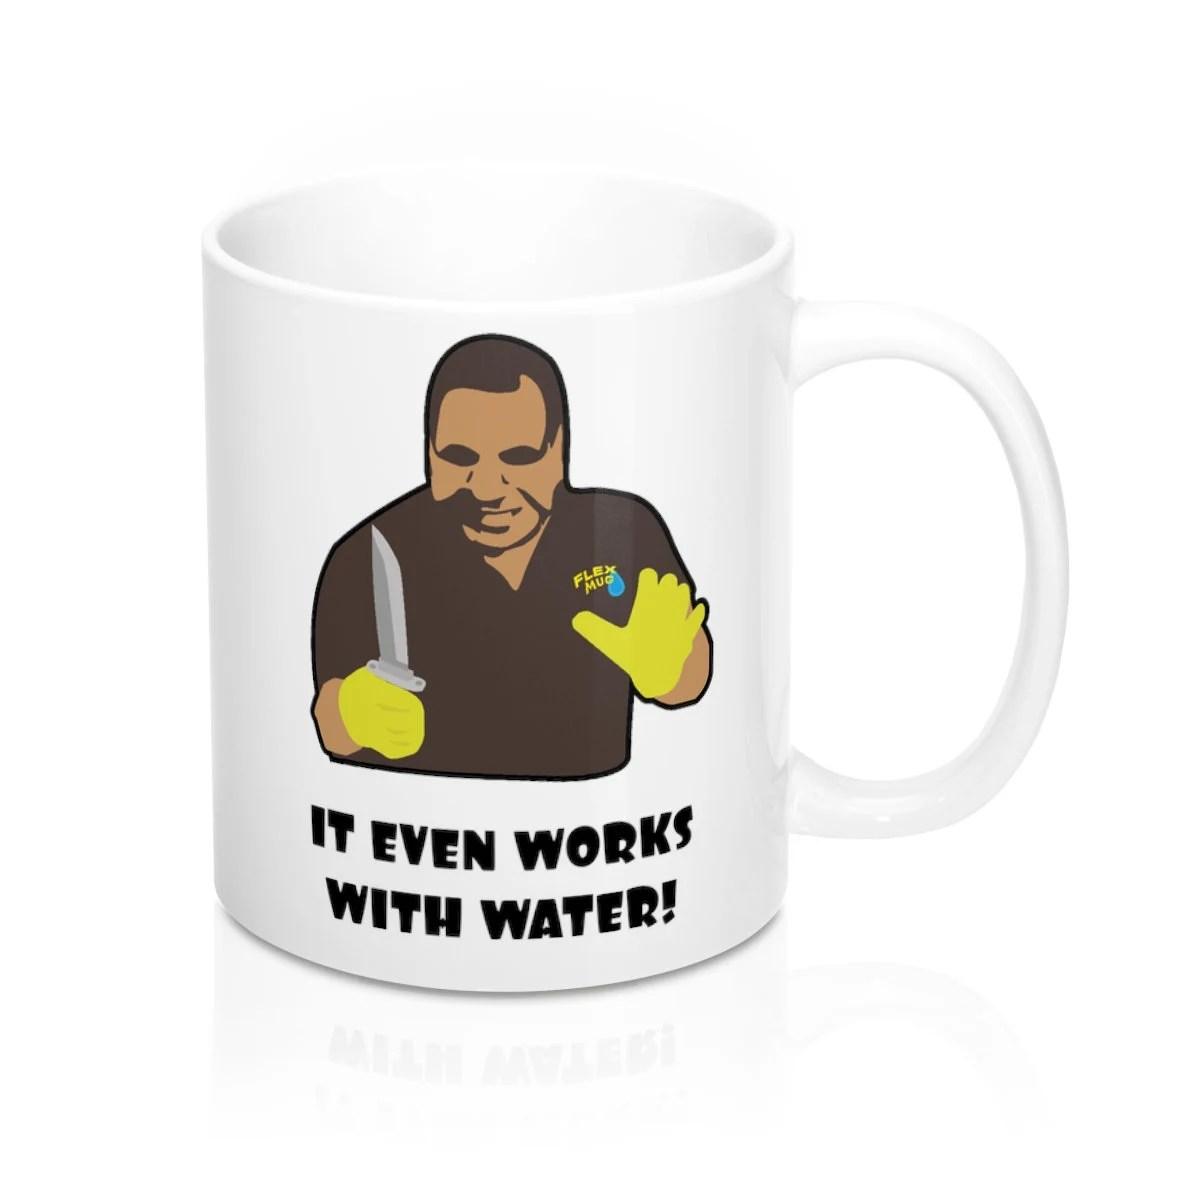 Flex Tape Meme Mug Flex Mug From Phil Swift It Even Works Etsy